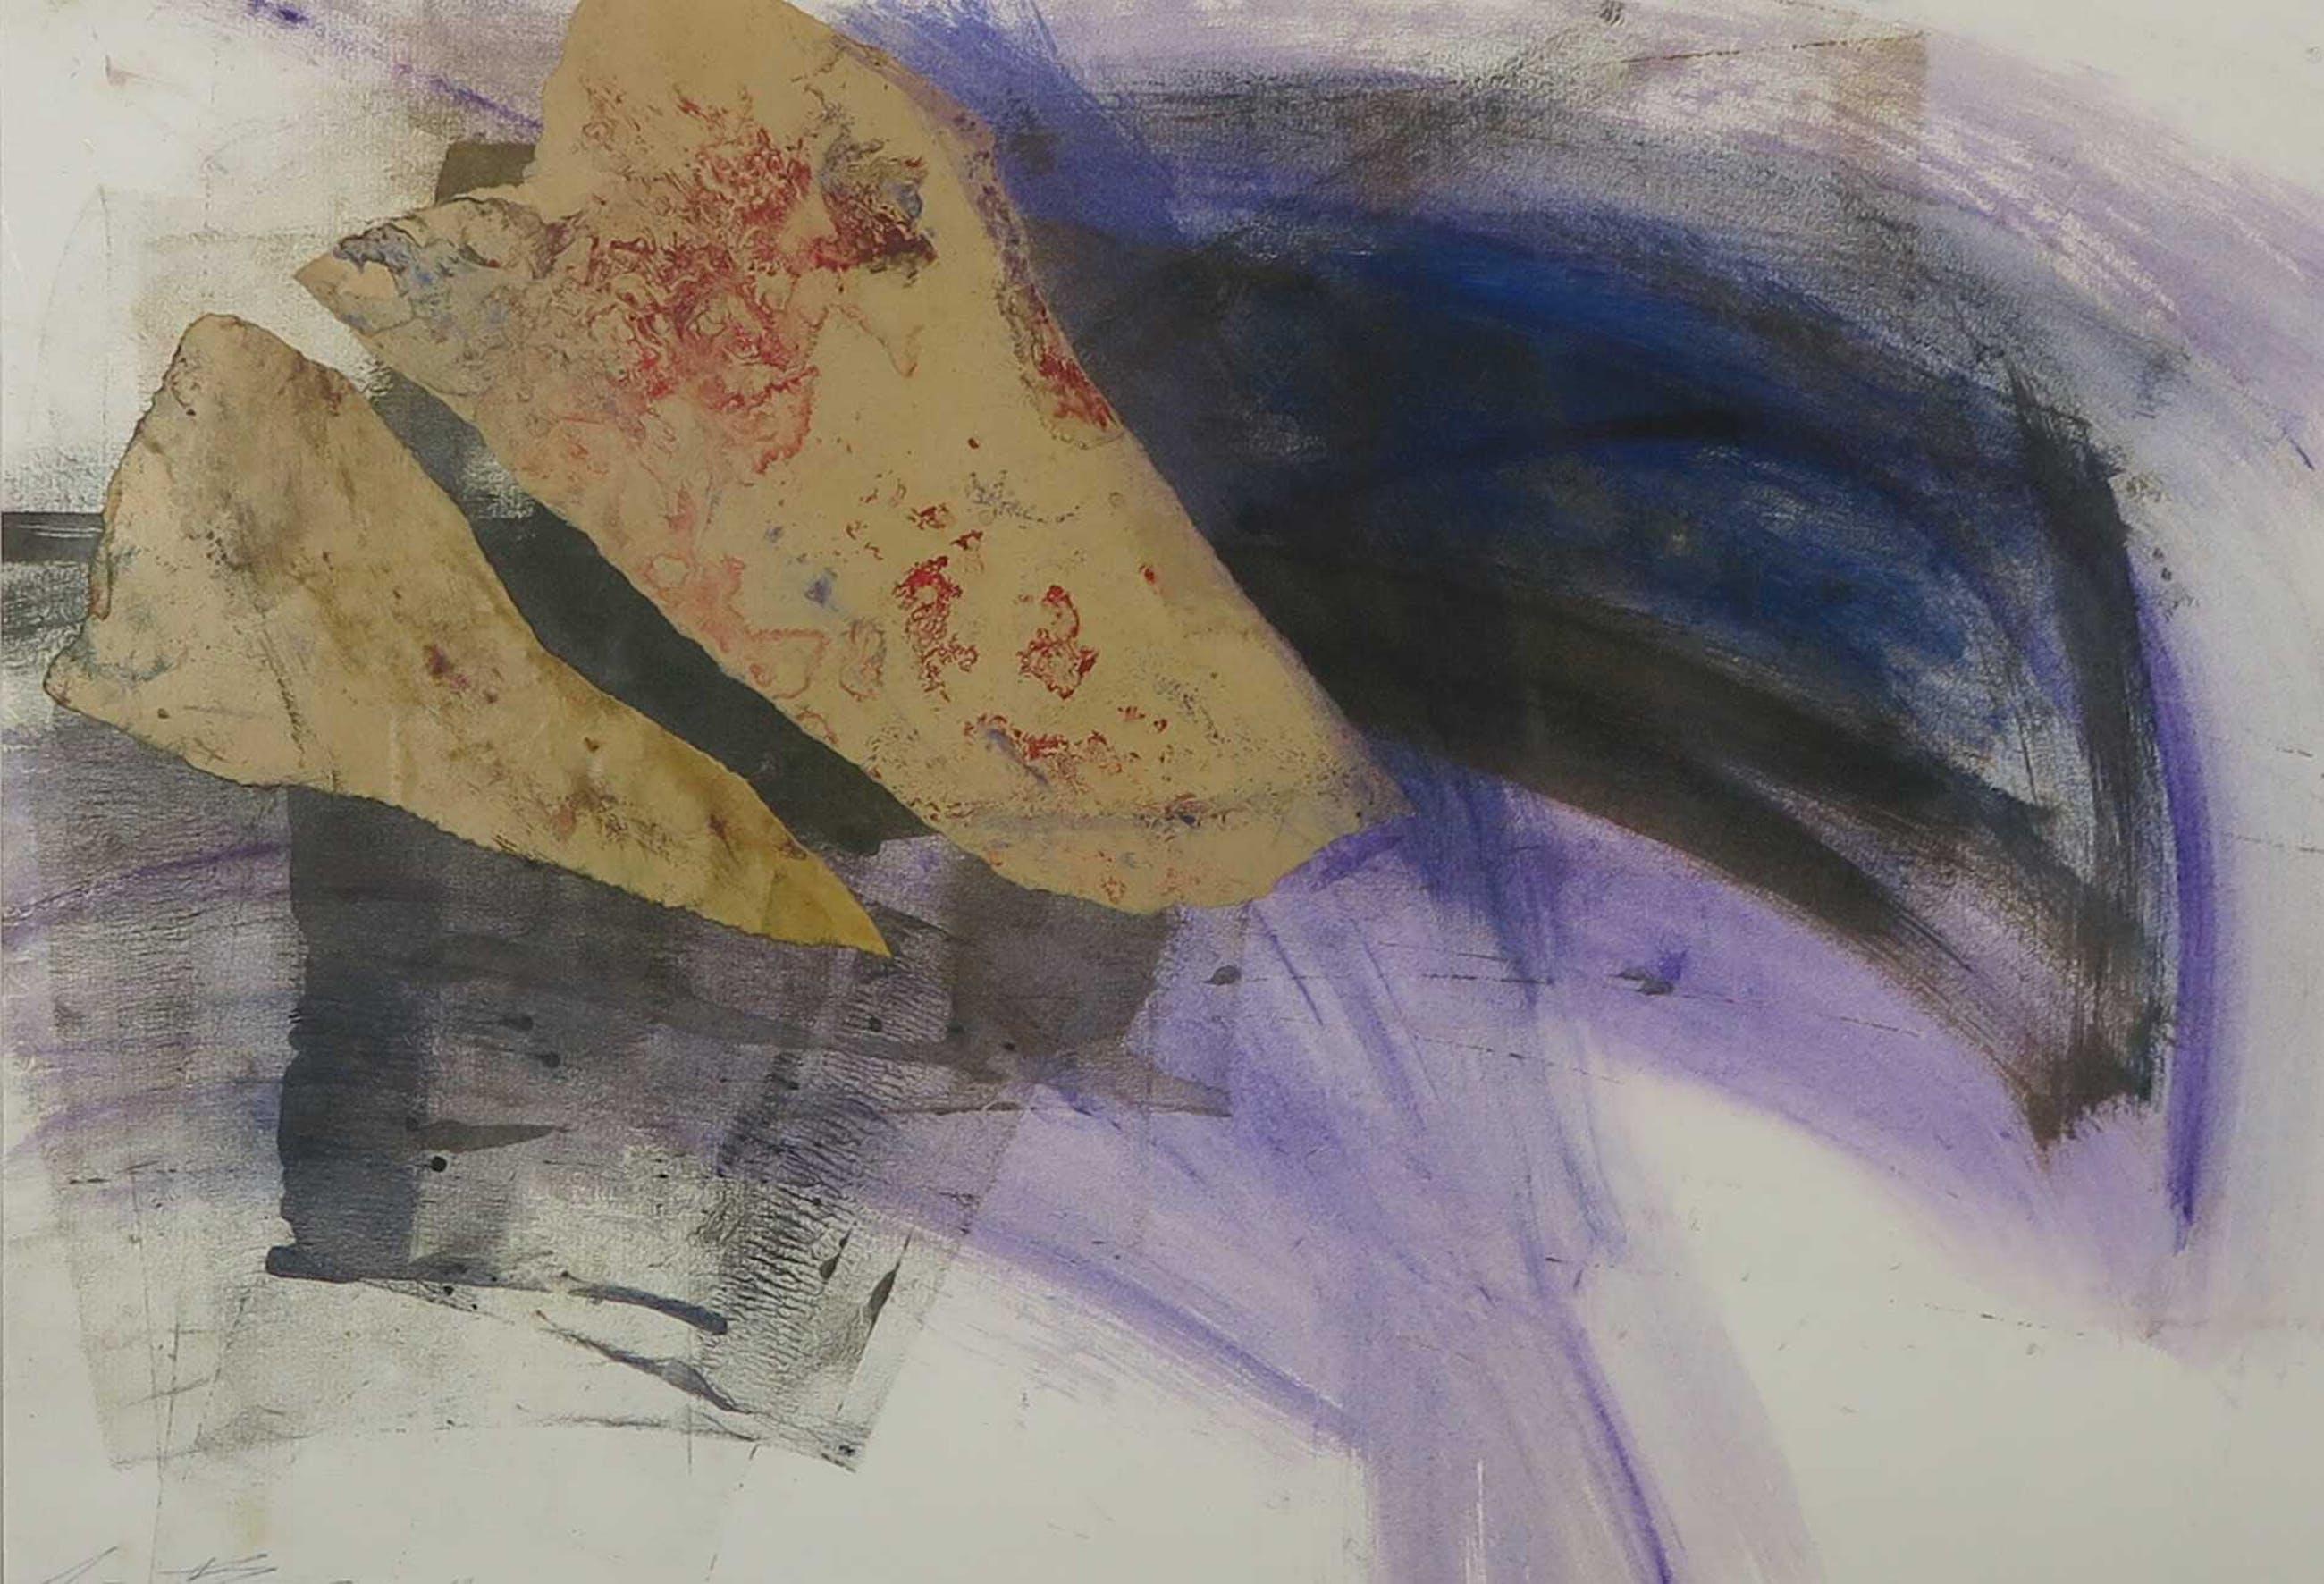 Wim de Bruin - Gemengde techniek op papier, Abstracte compositie - Ingelijst kopen? Bied vanaf 1!